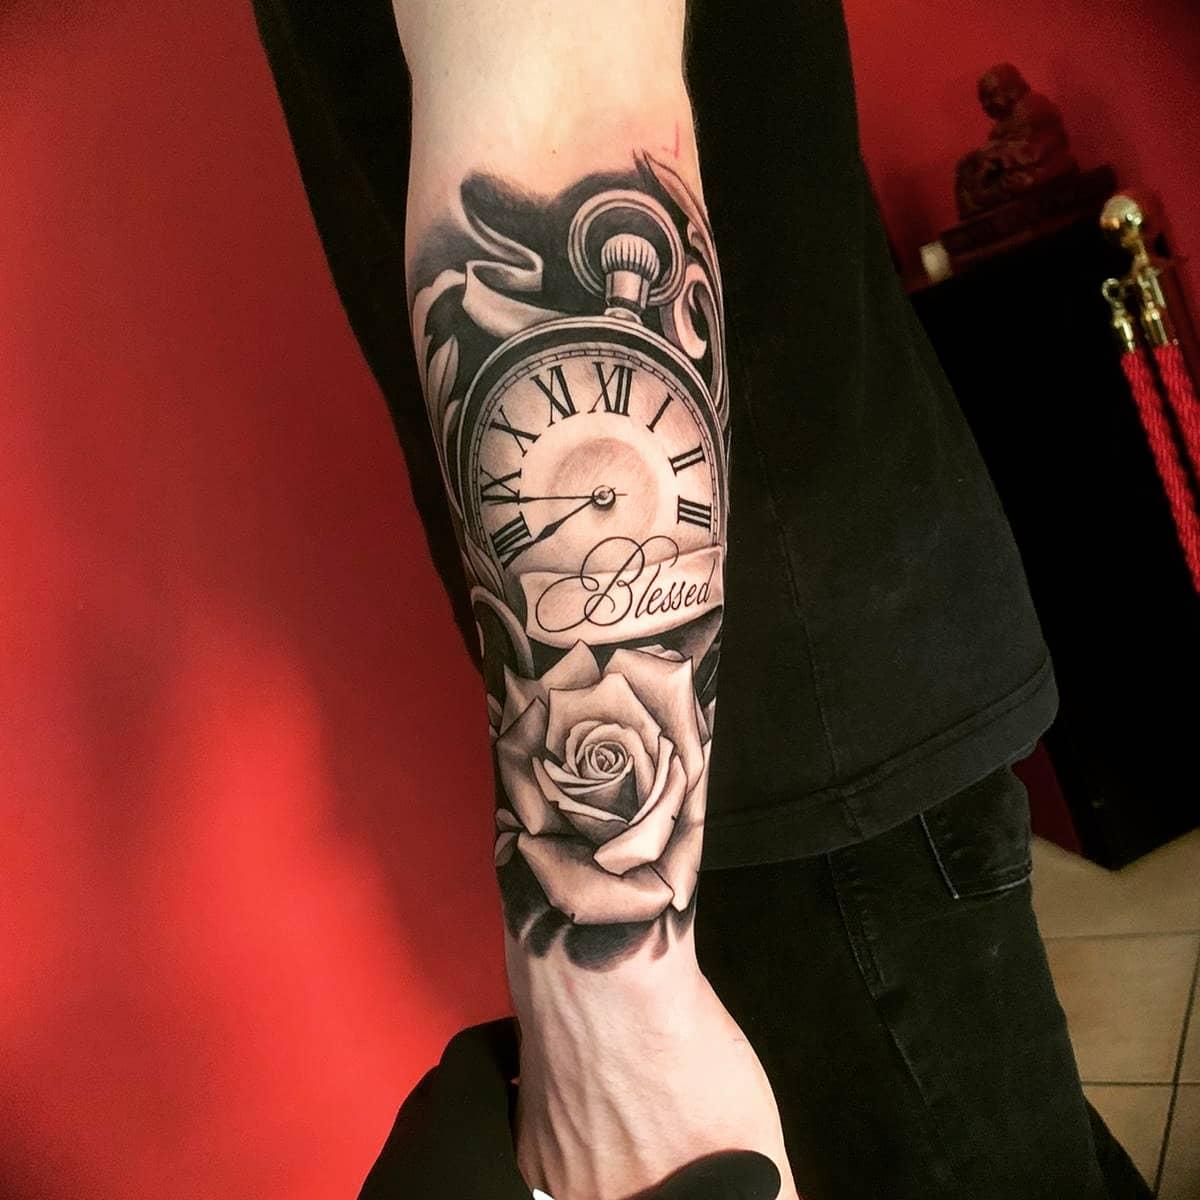 Tattoo verliert Schorf und sieht zu hell aus